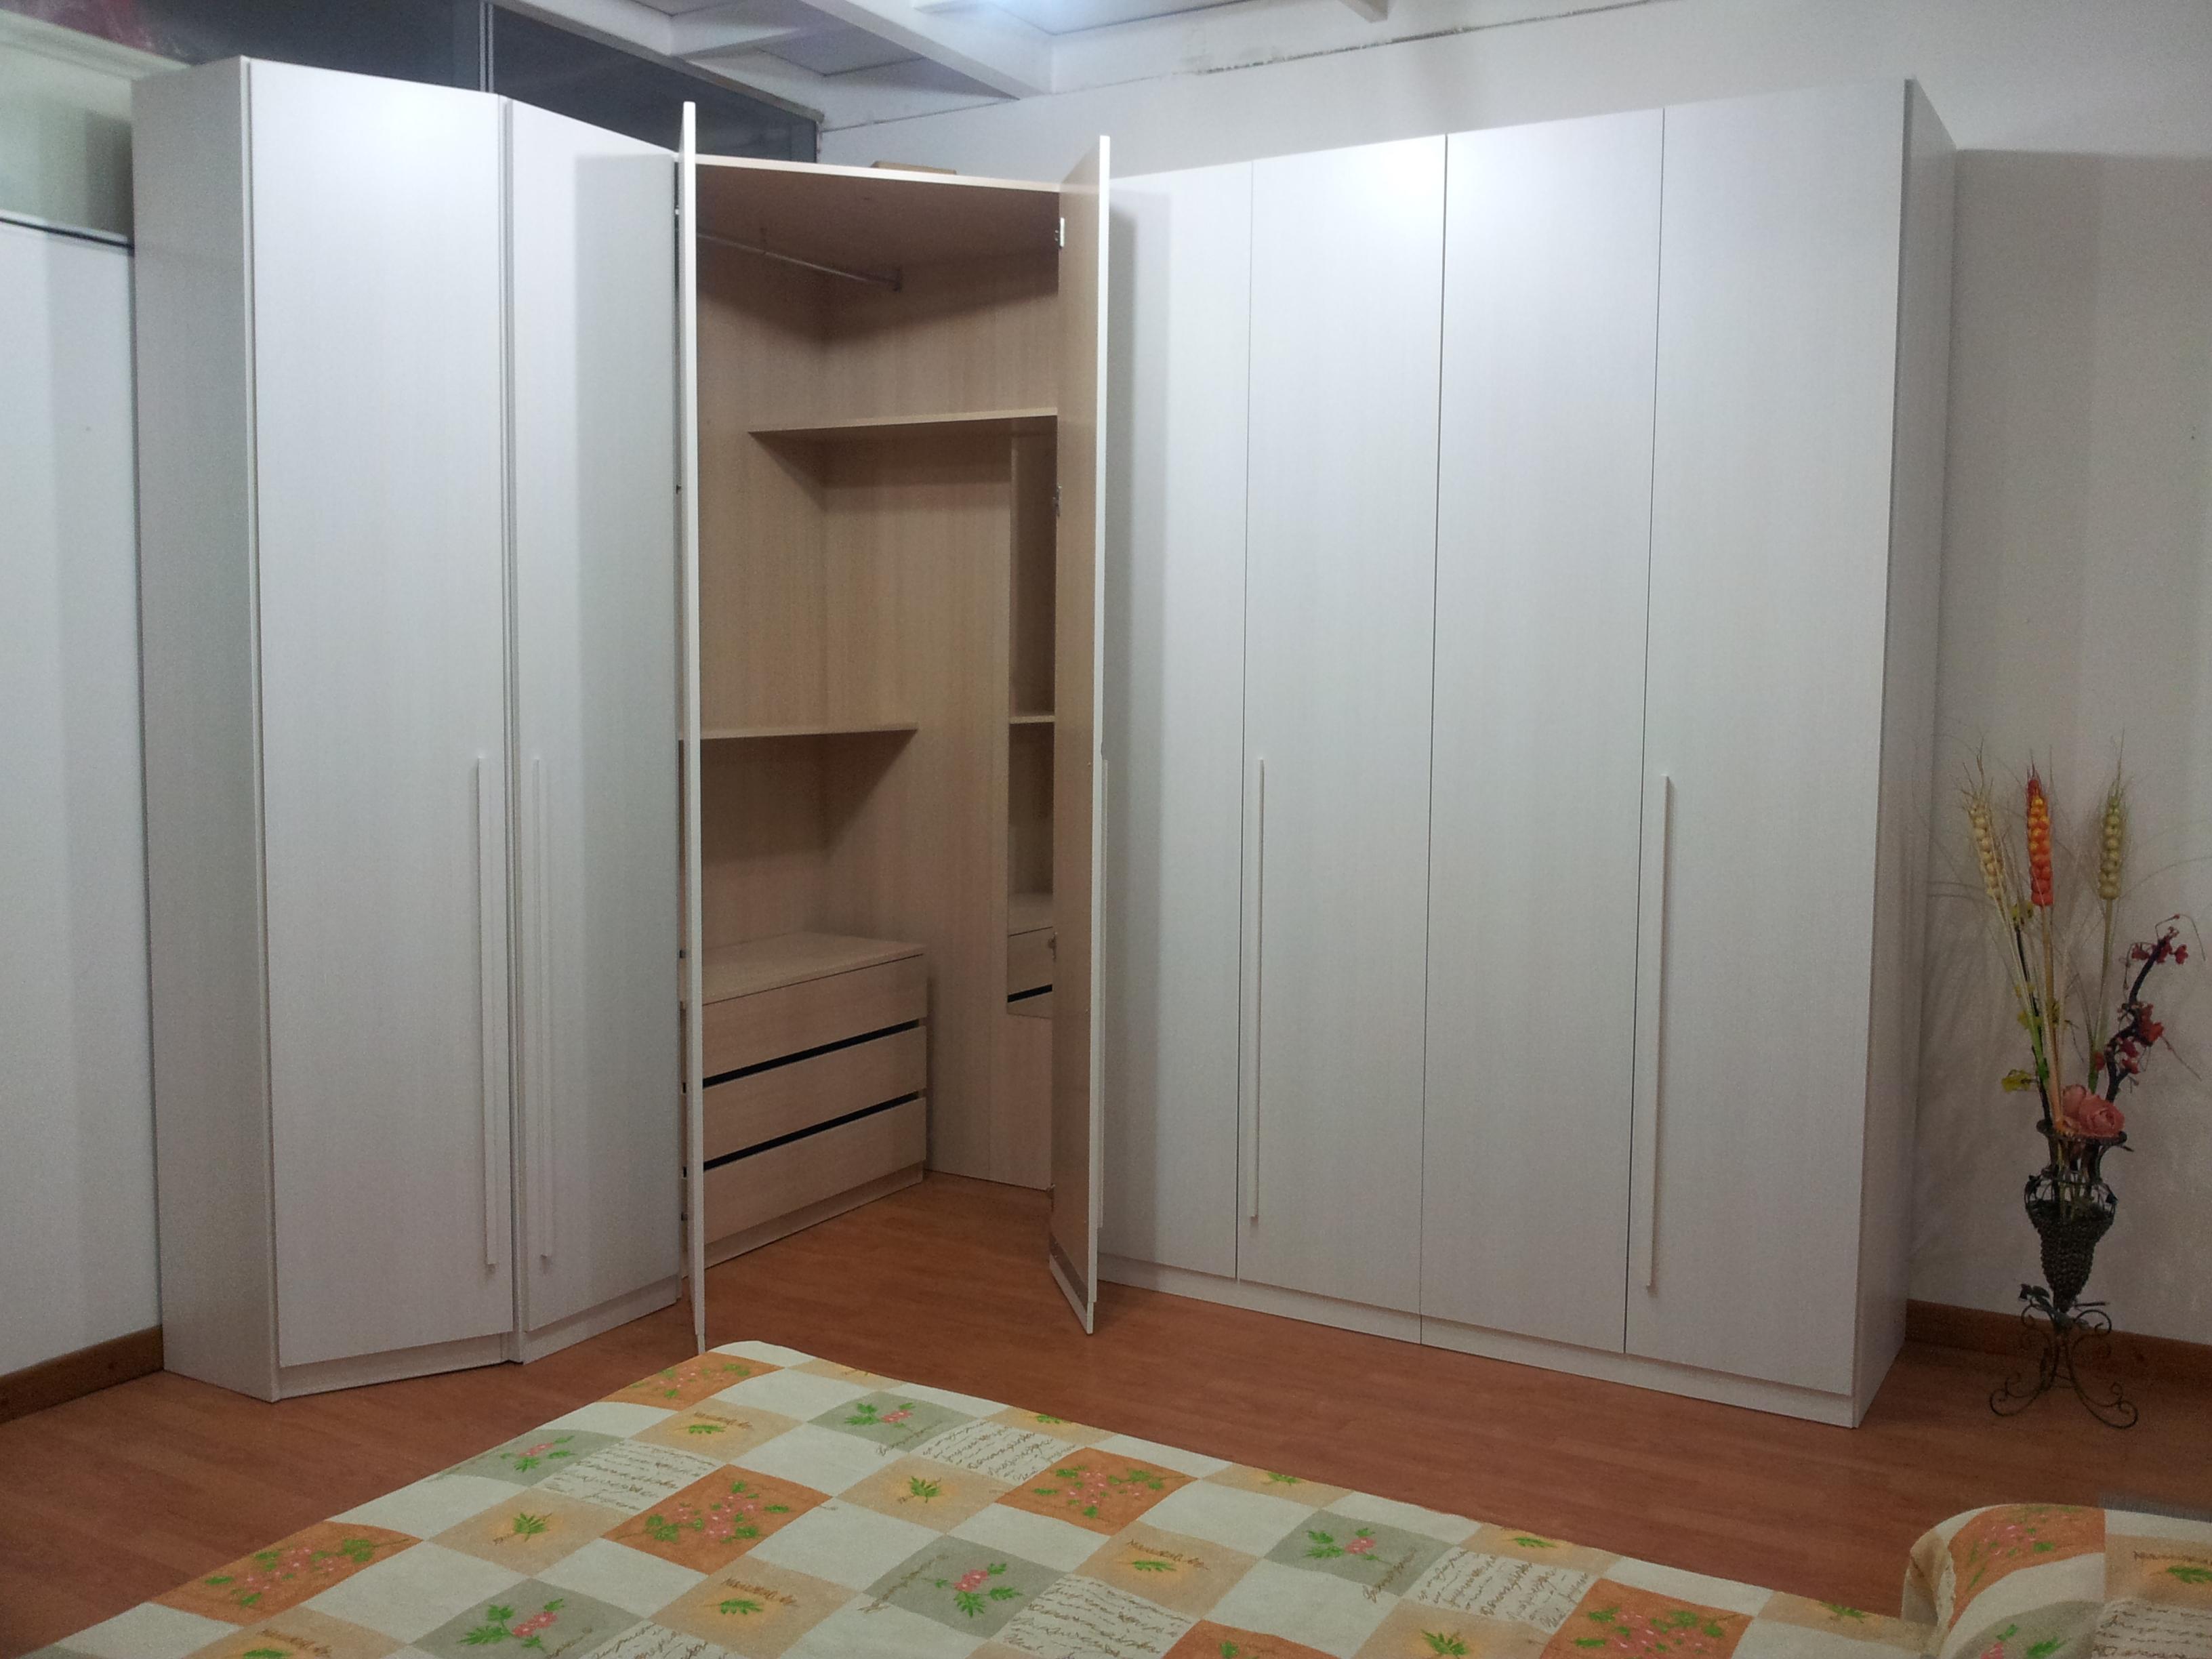 Cabina armadio scontata del 48 camere a prezzi scontati - Camere da letto con cabina armadio angolare ...